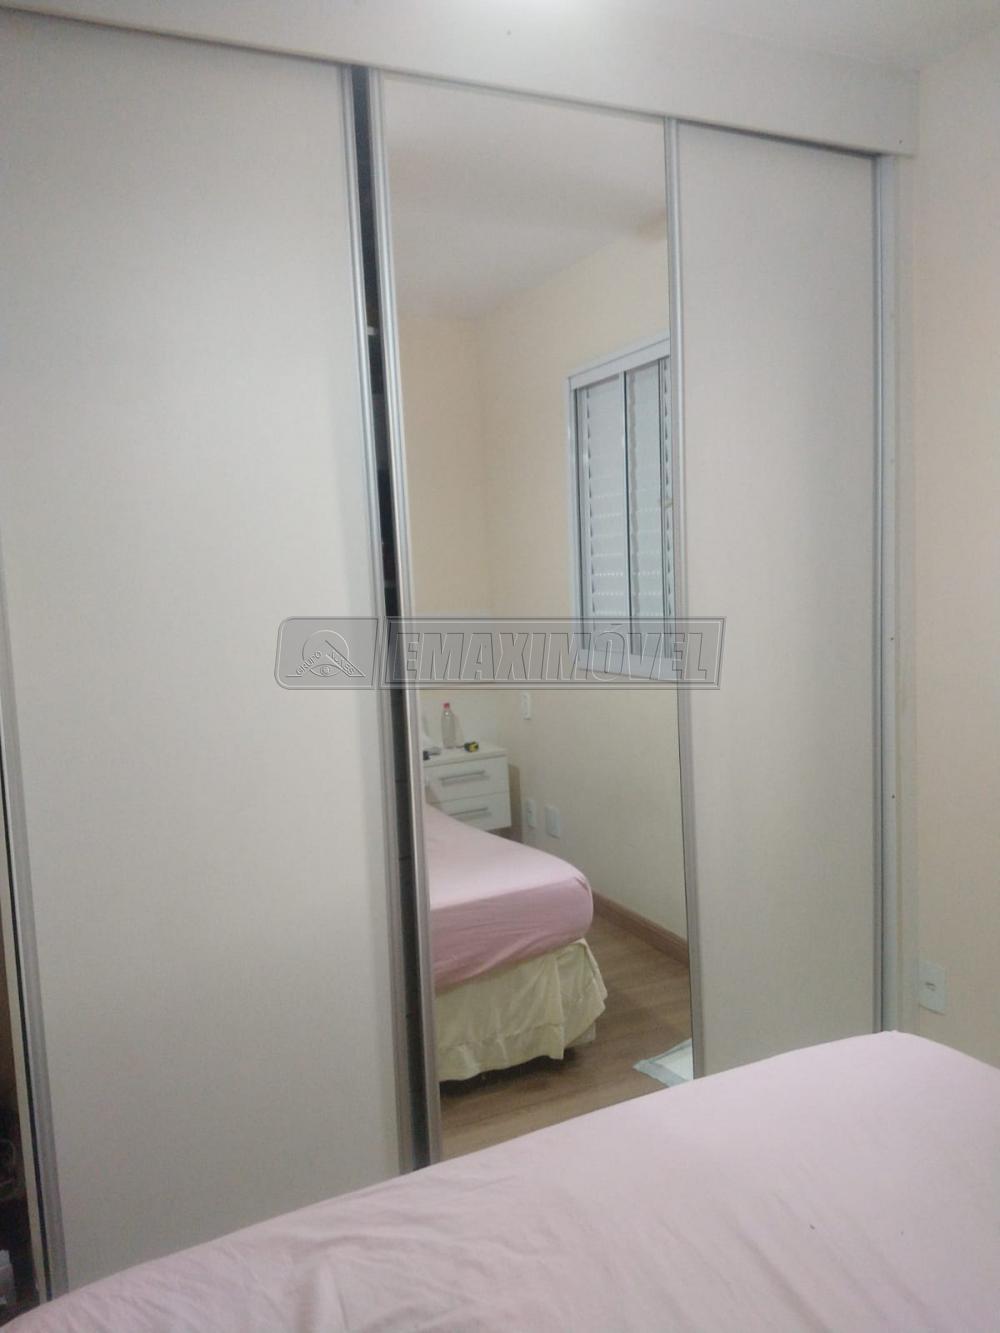 Comprar Apartamento / Padrão em Sorocaba R$ 345.000,00 - Foto 7